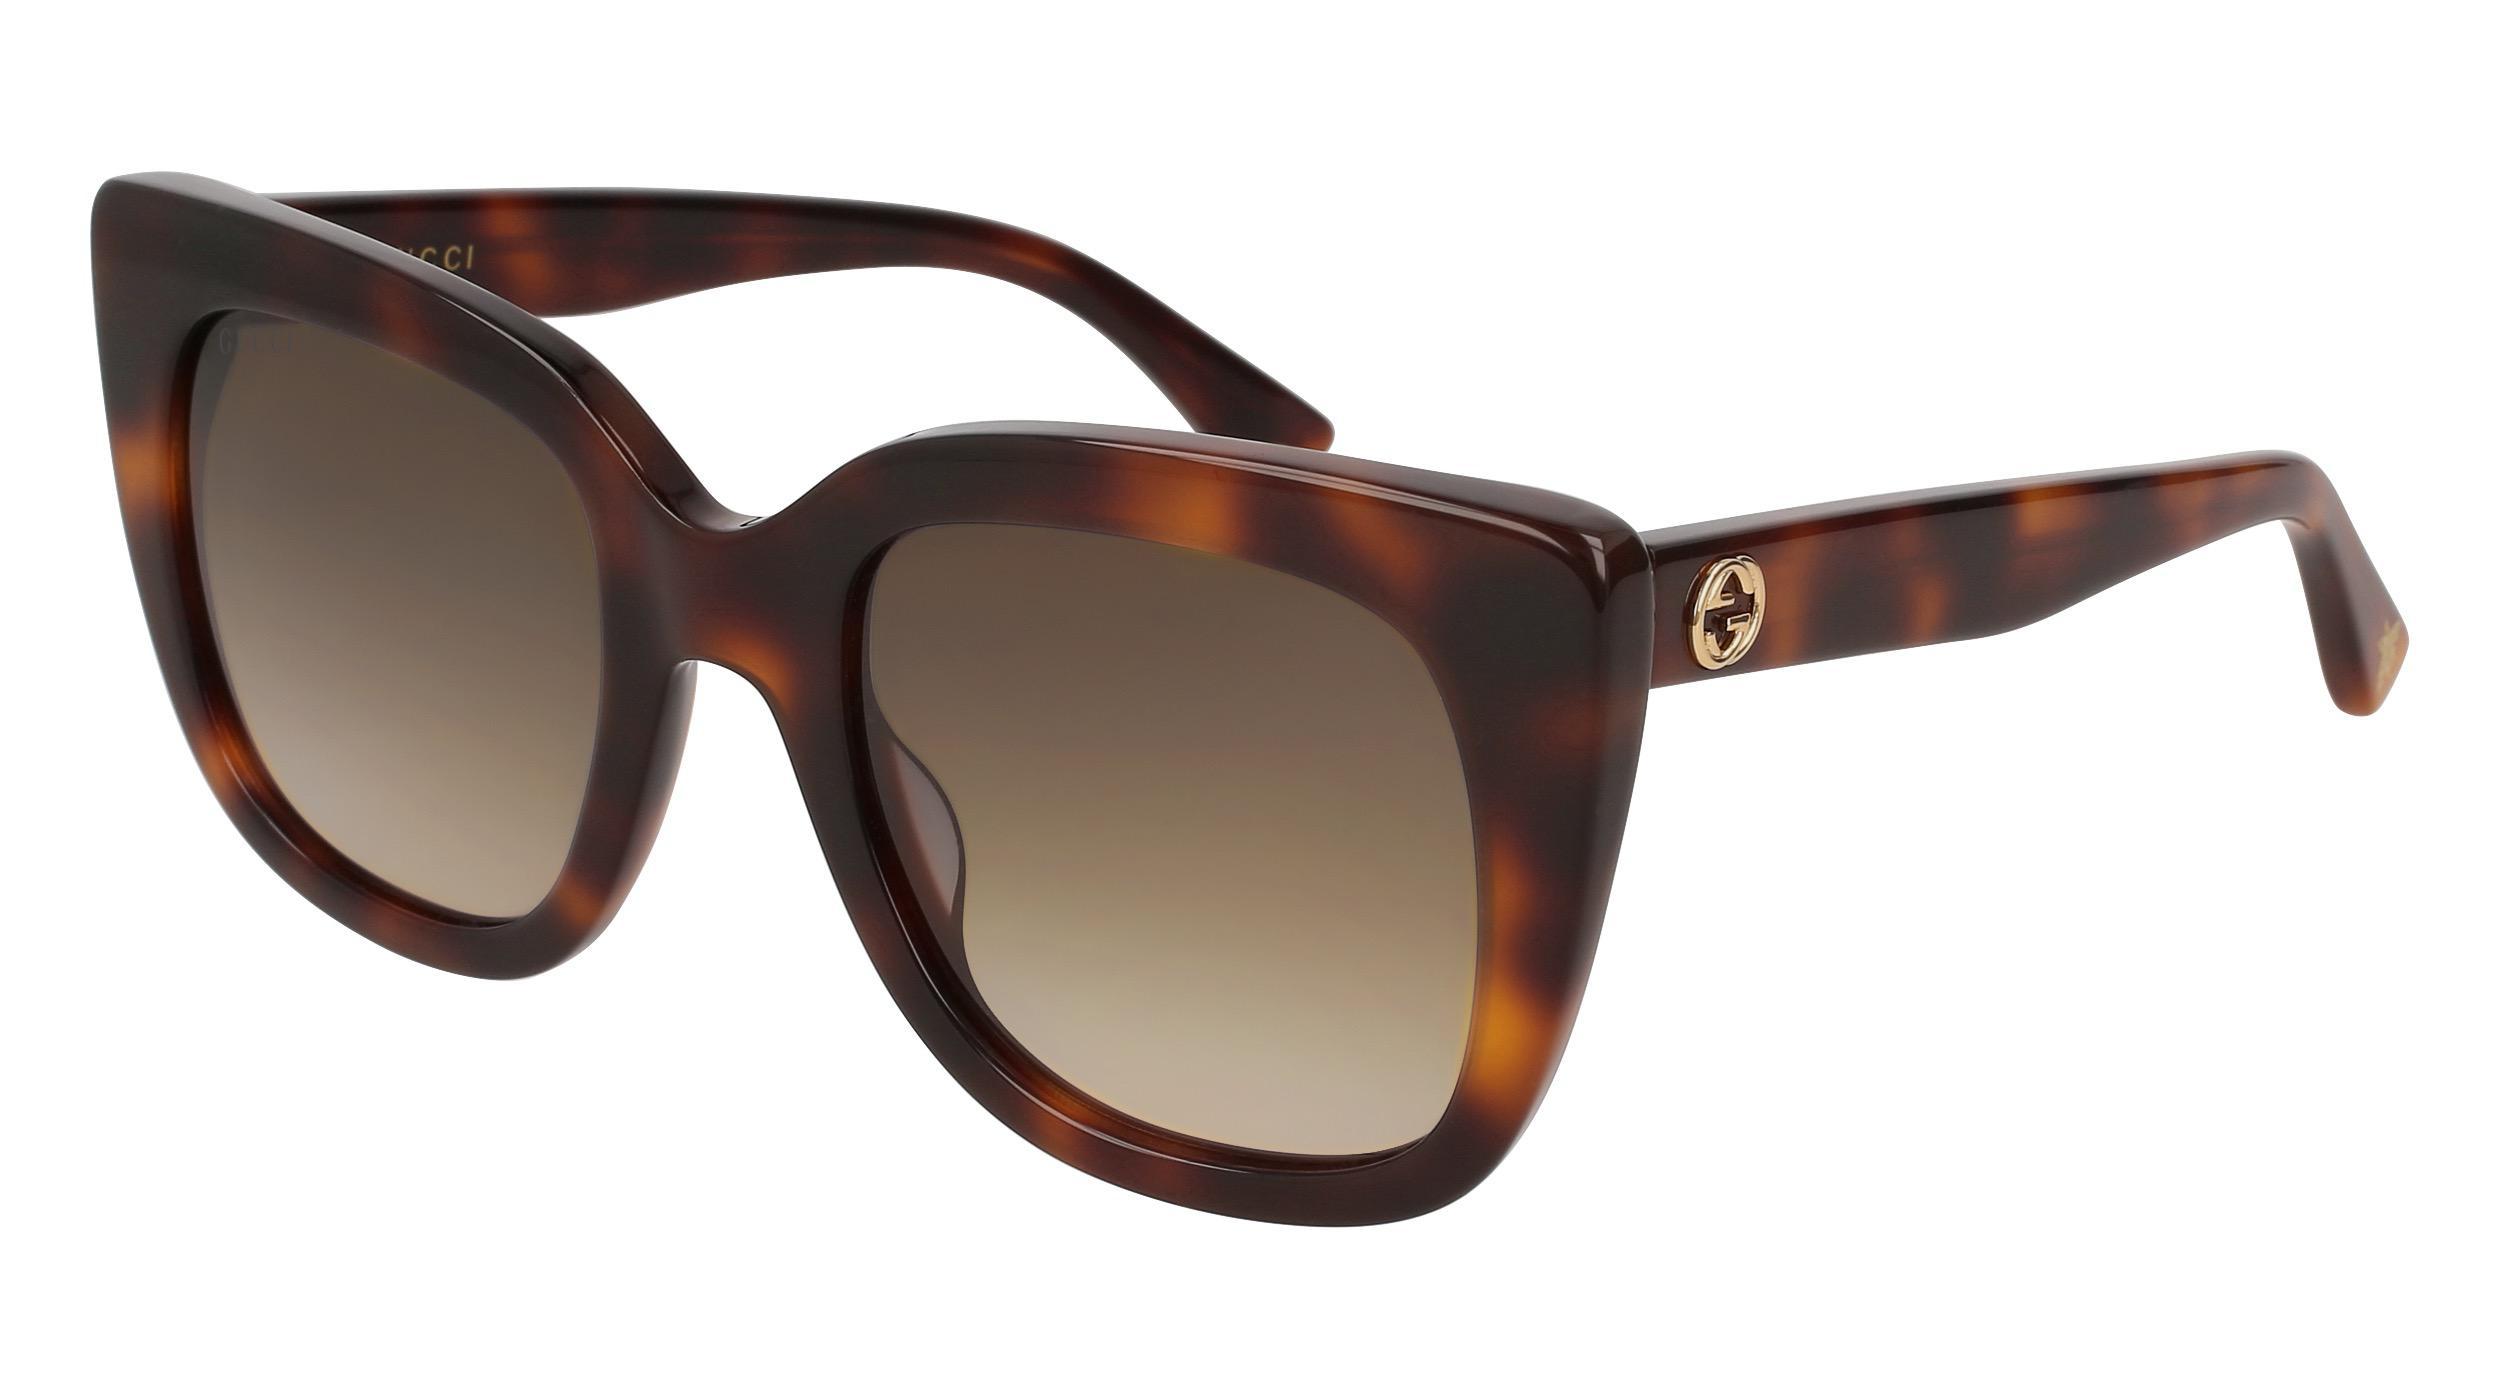 b8c567ecc3 Lyst - Gucci 0163 s Cat Eye Sunglasses in Brown